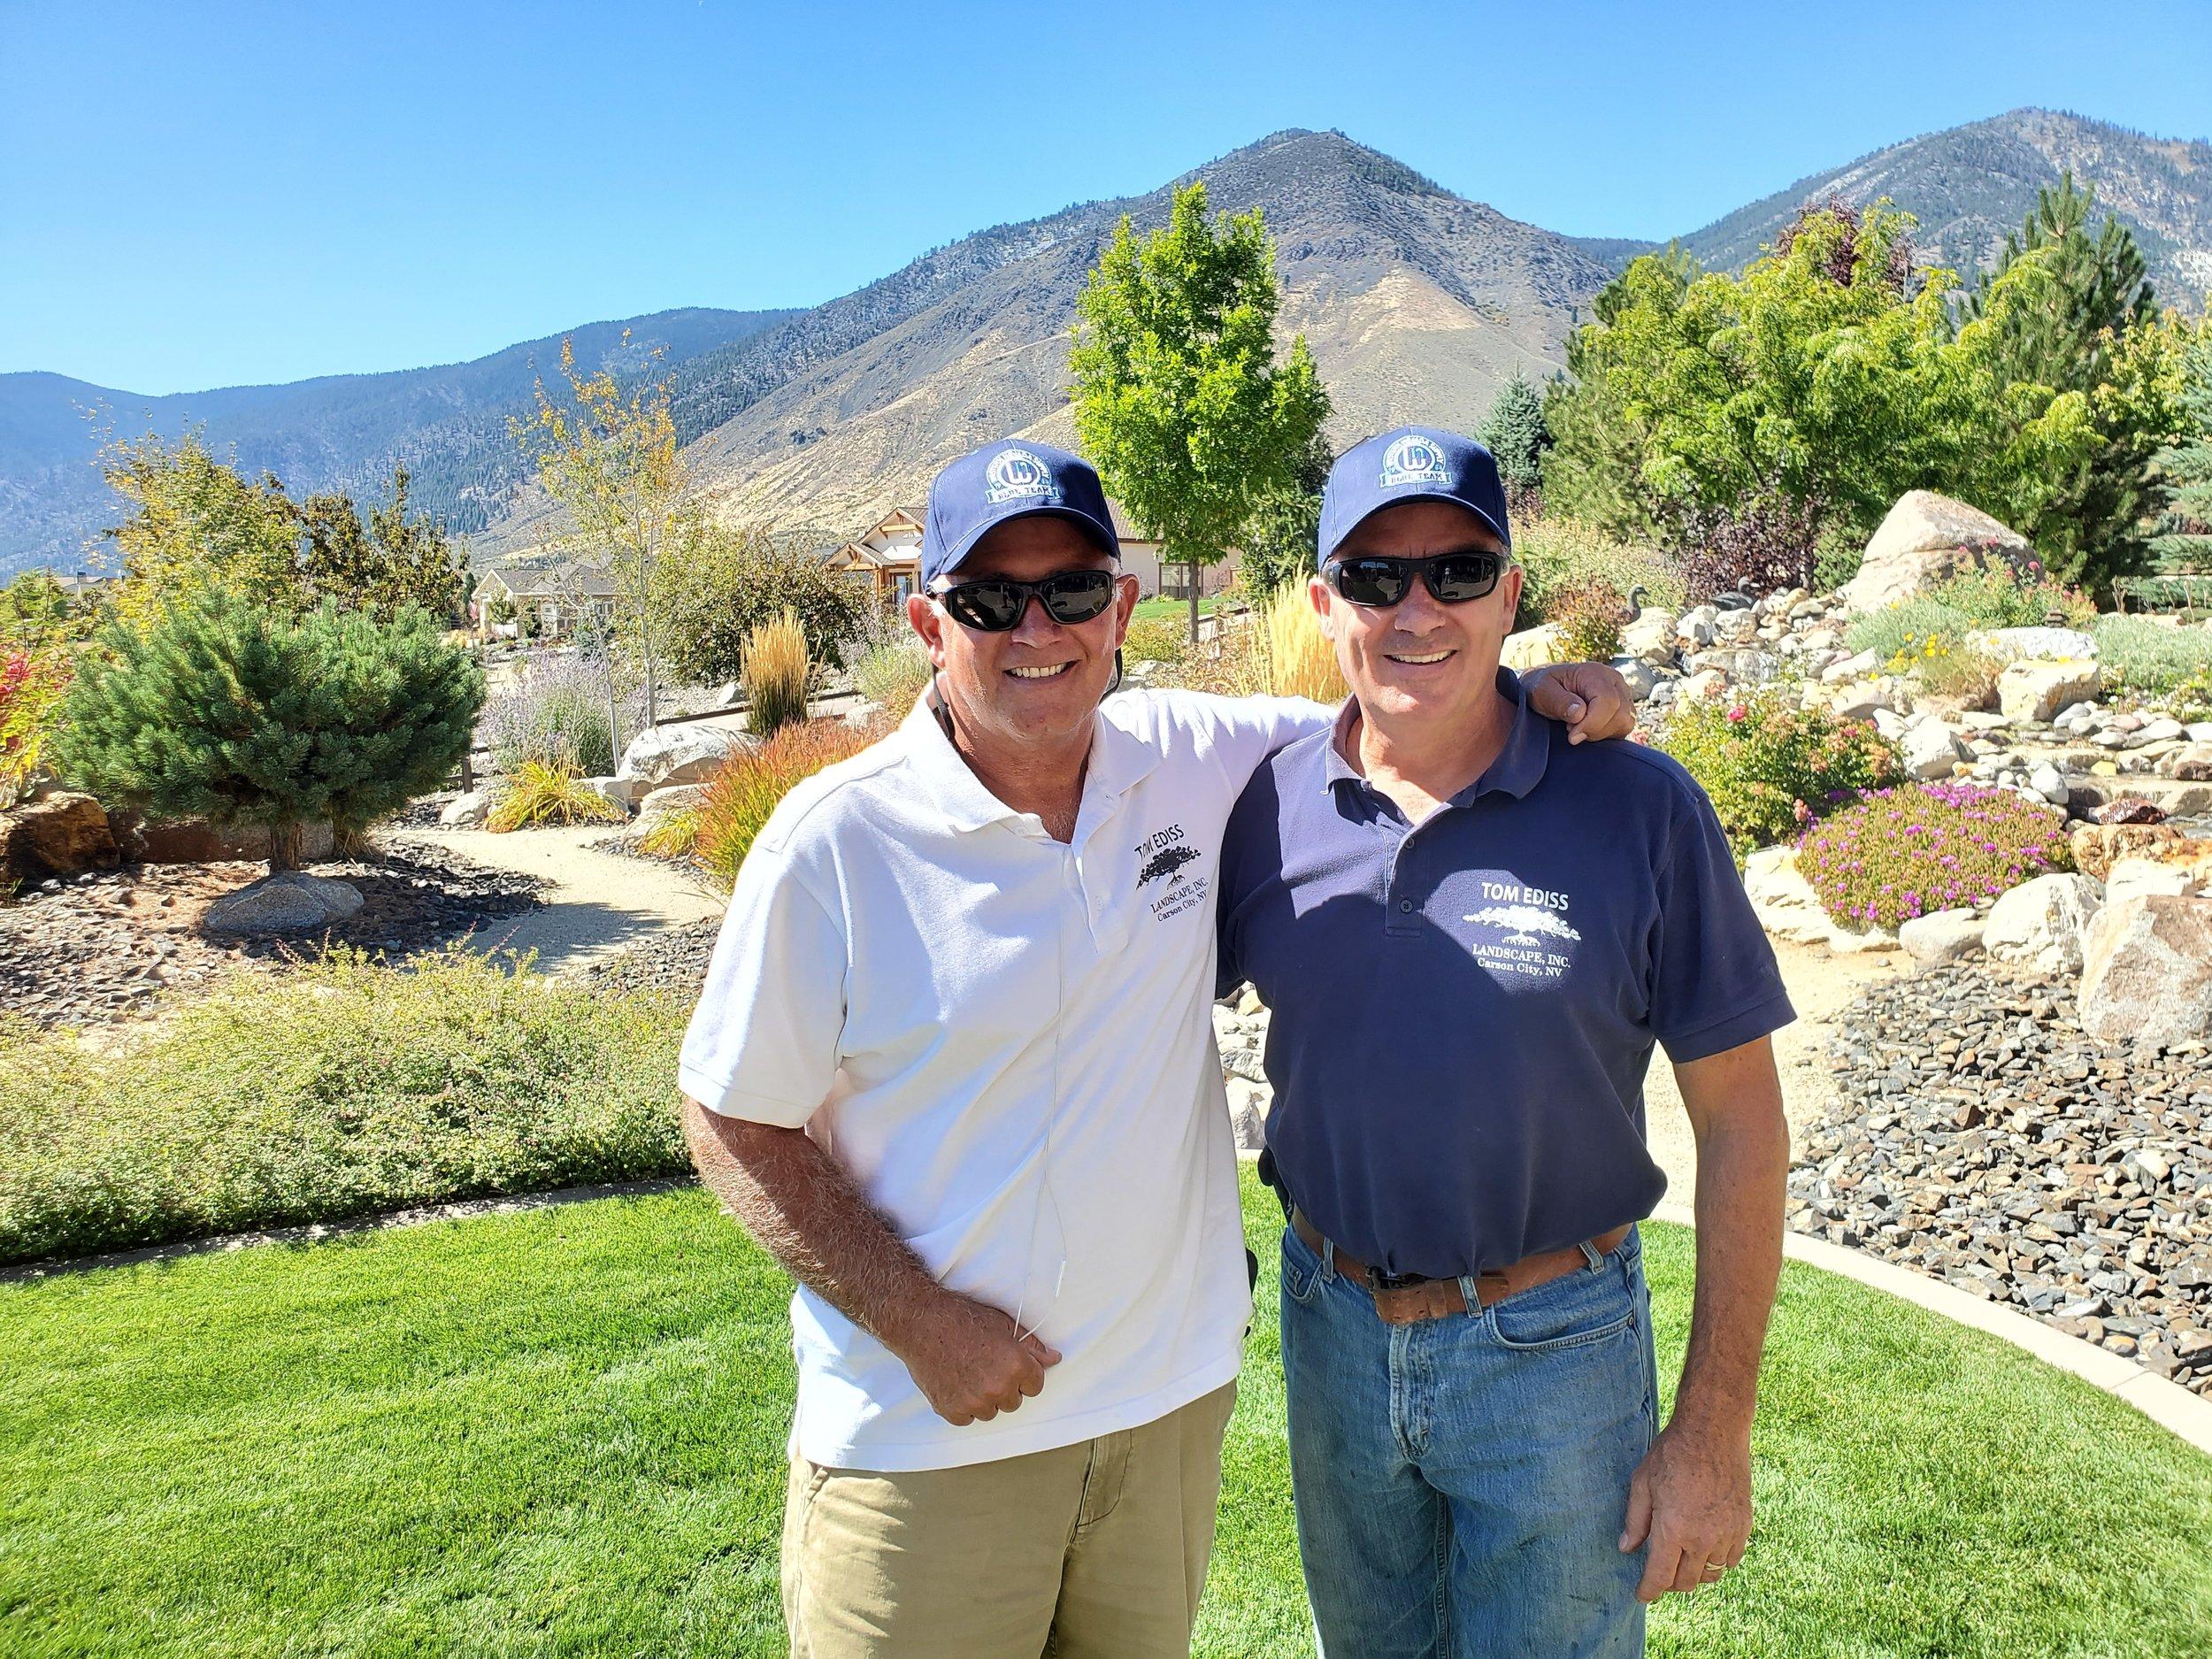 - Tom Ediss (Left) , Owner(775) 691-5044; tom@tomedisslandscape.comPeter Hagan (Right), Maintenance Supervisor(419) 604-9292; peter@tomedisslandscape.com